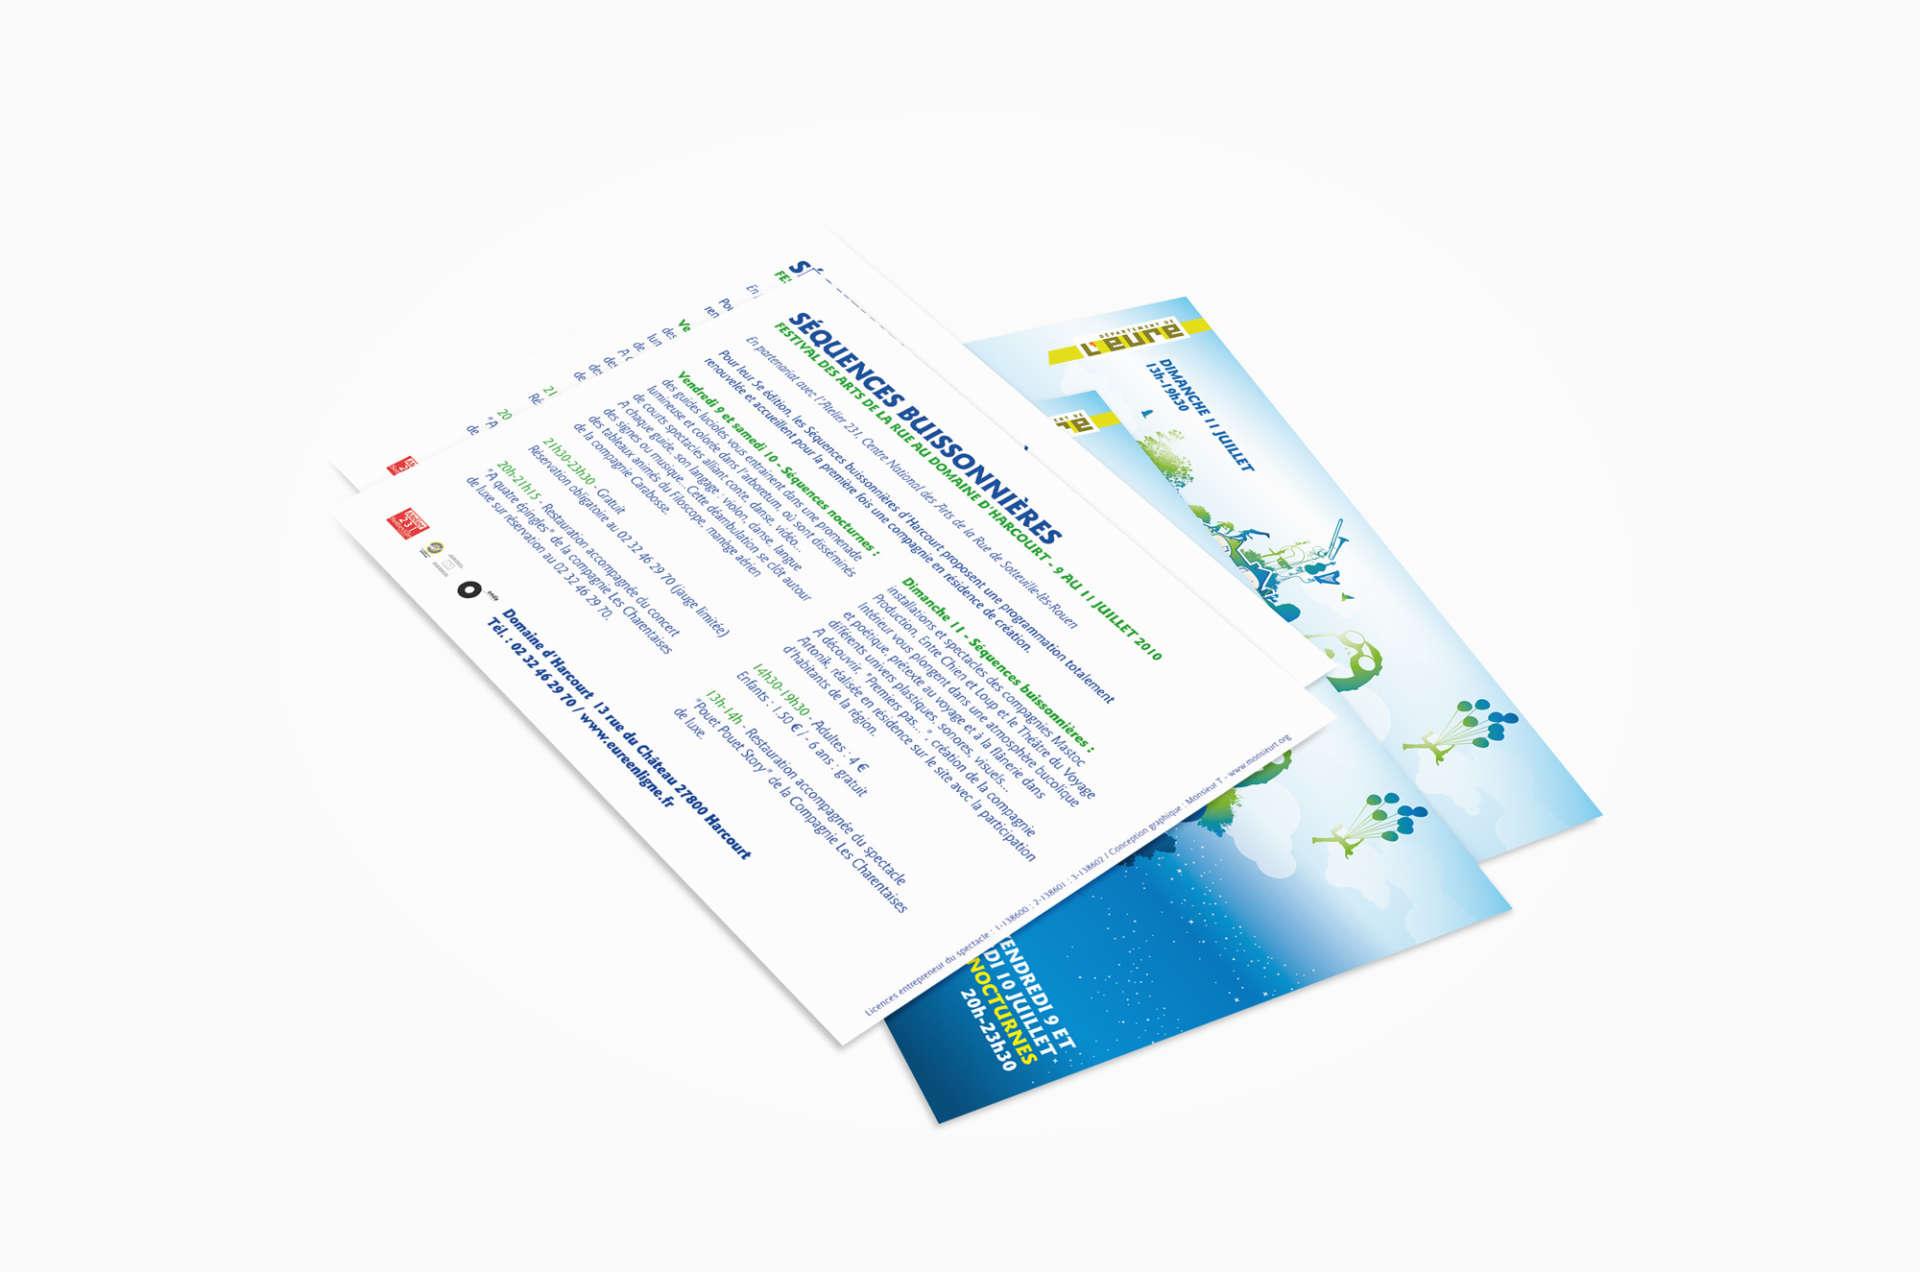 sq2010-cartecom-book